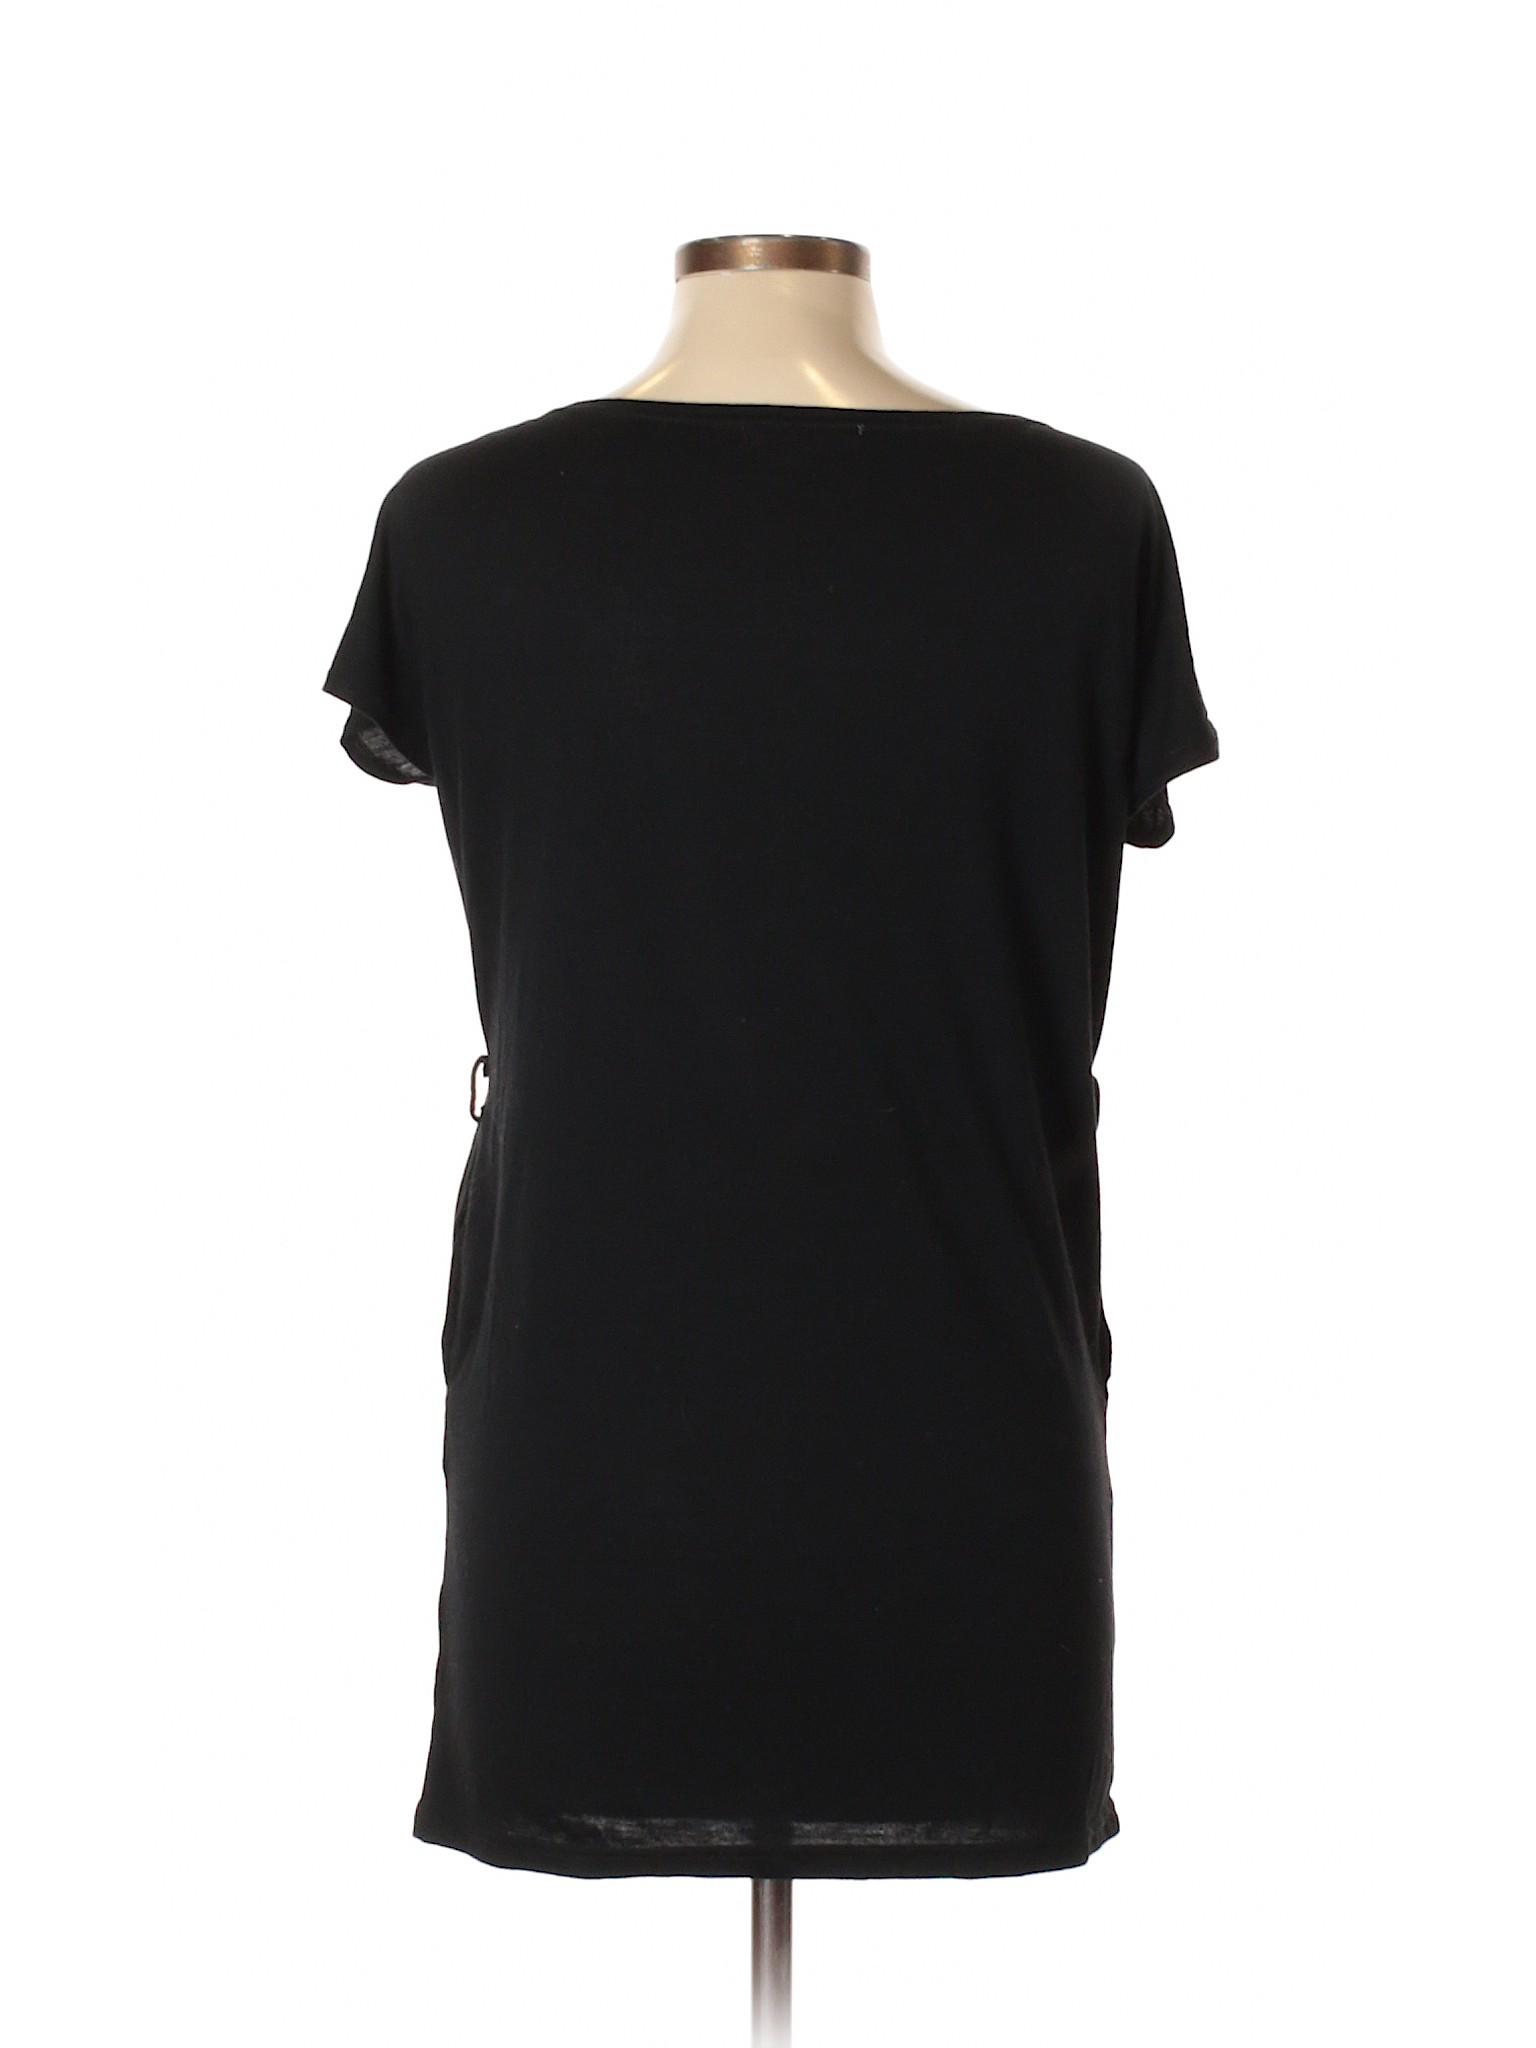 Casual Selling Dress Selling Lulu's Lulu's qwzX5tZ